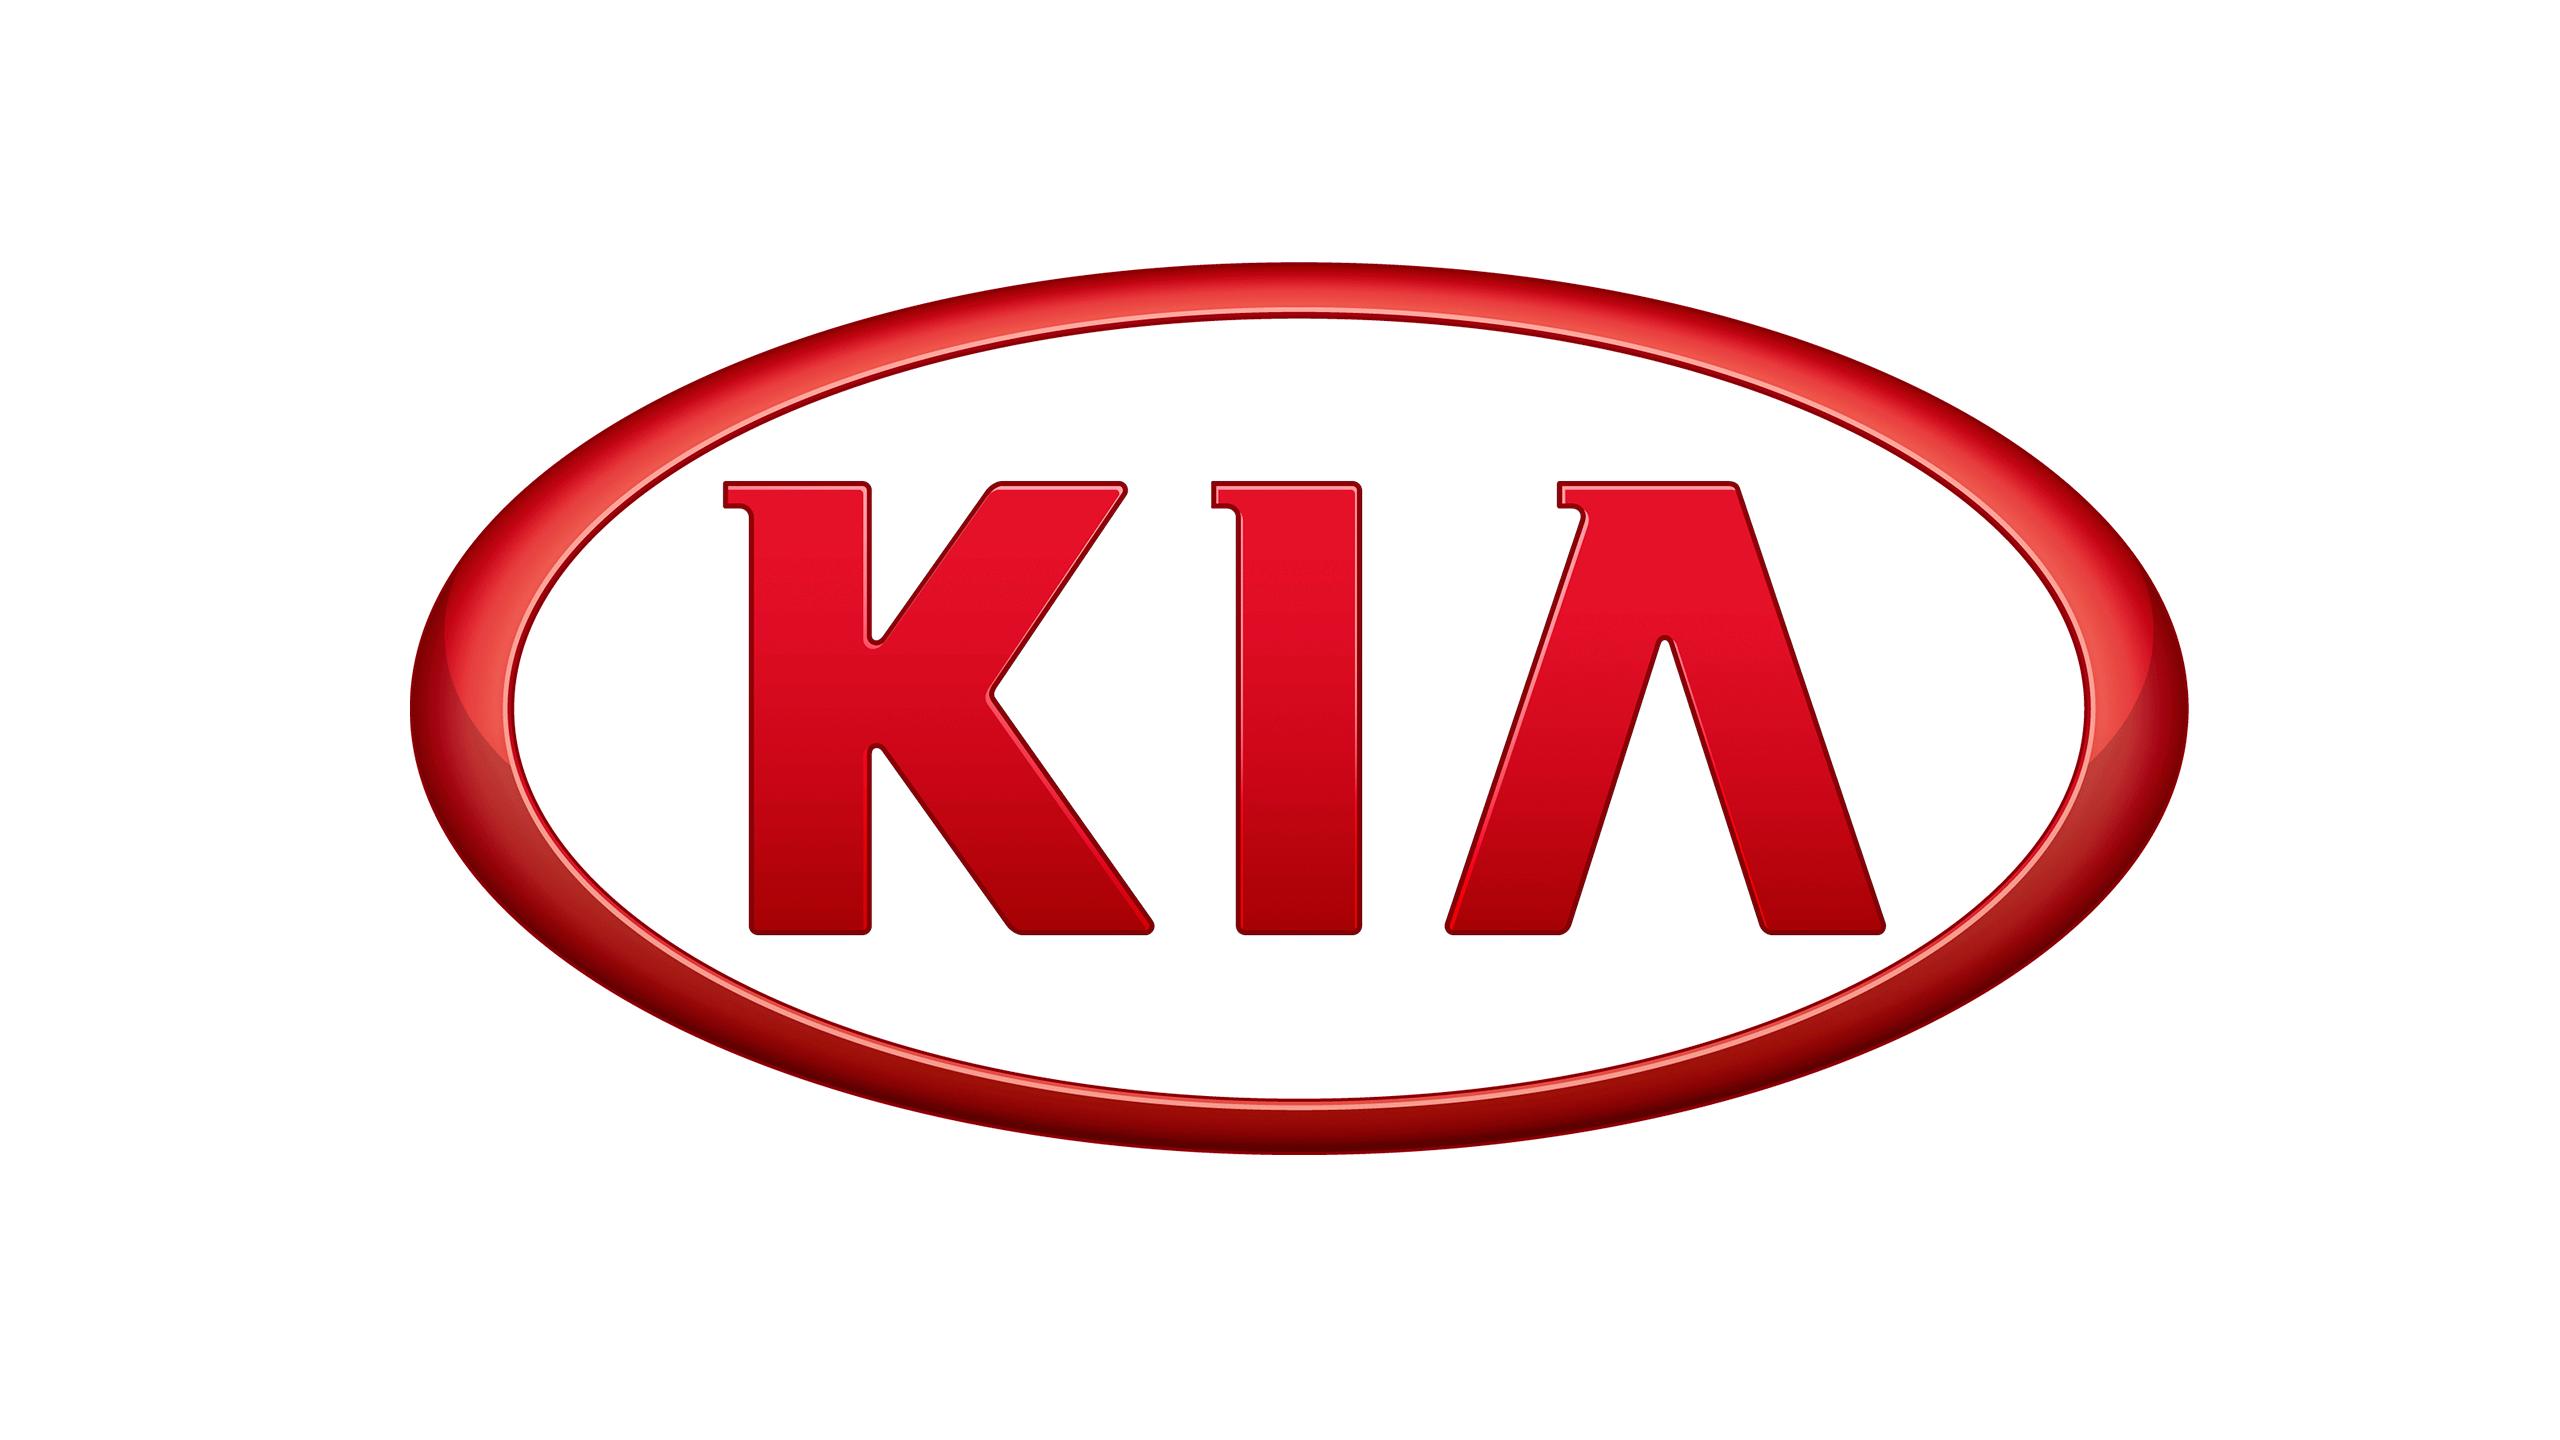 Kia HD PNG - 93496